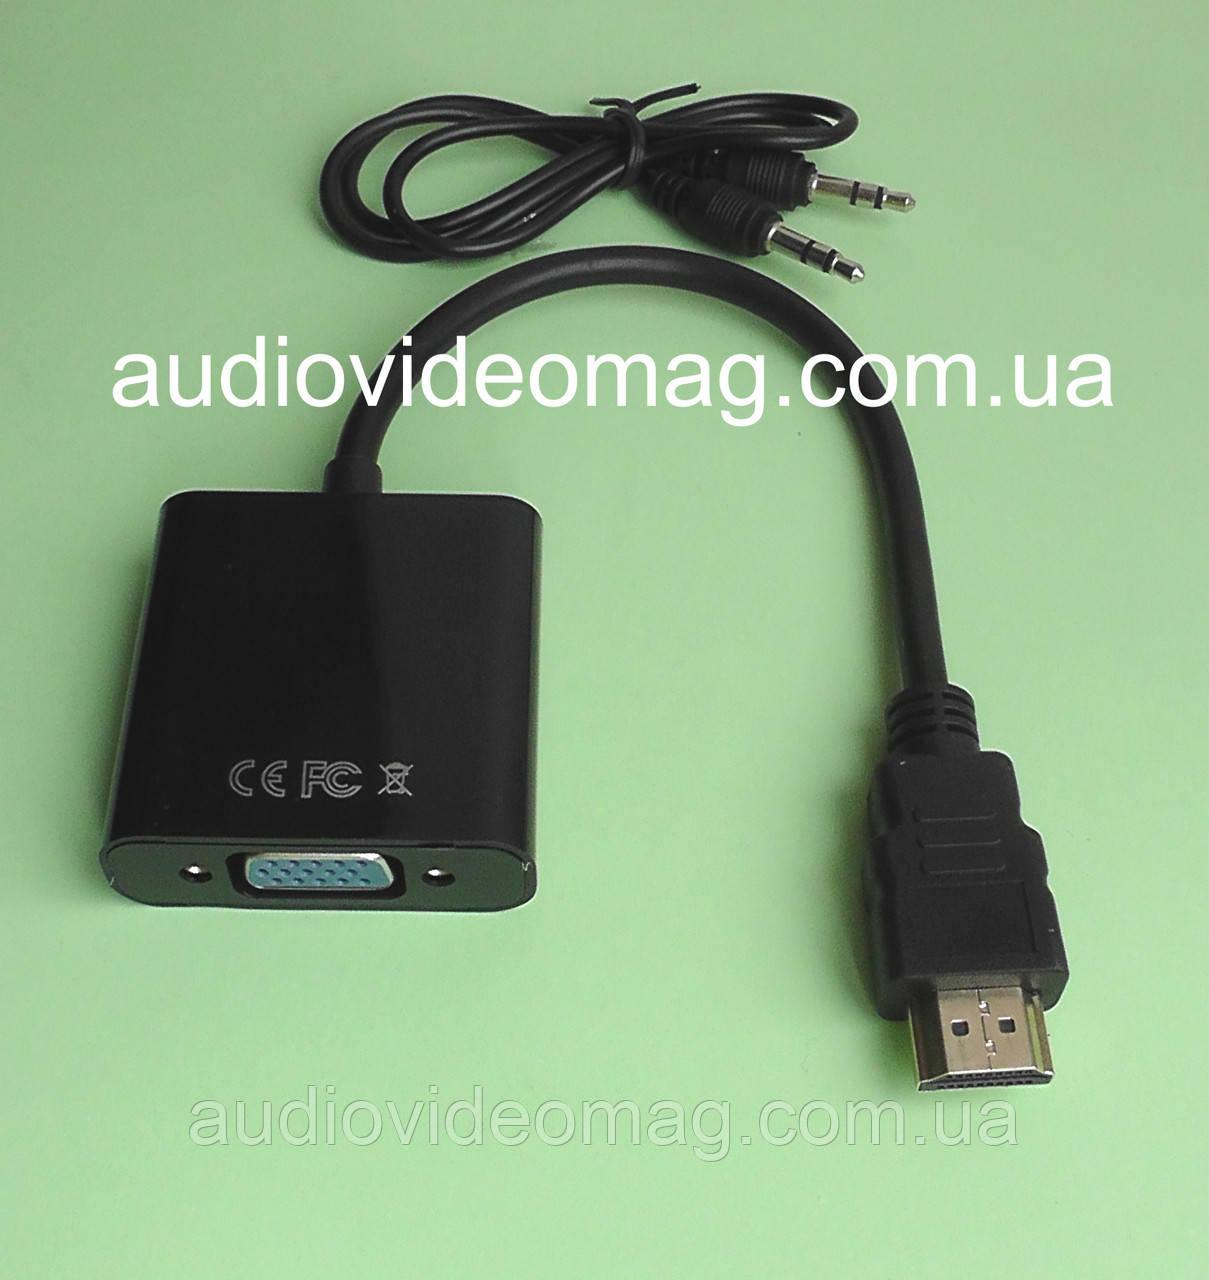 Переходник - конвертер HDMI на VGA  + аудио